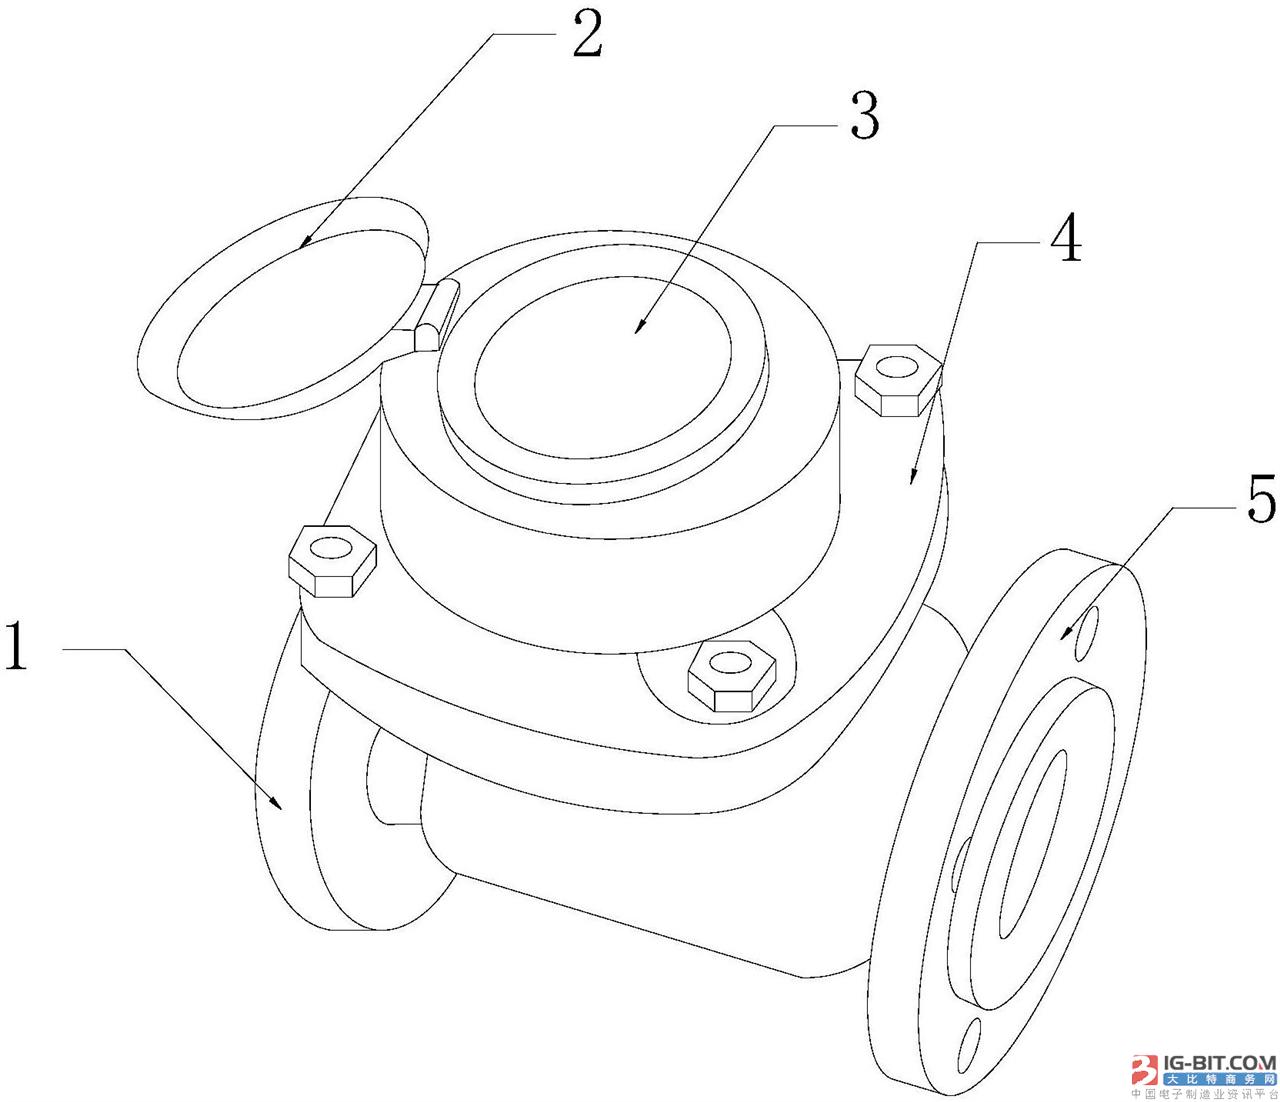 【仪表专利】磁感应变开闭的螺翼干式智能水表